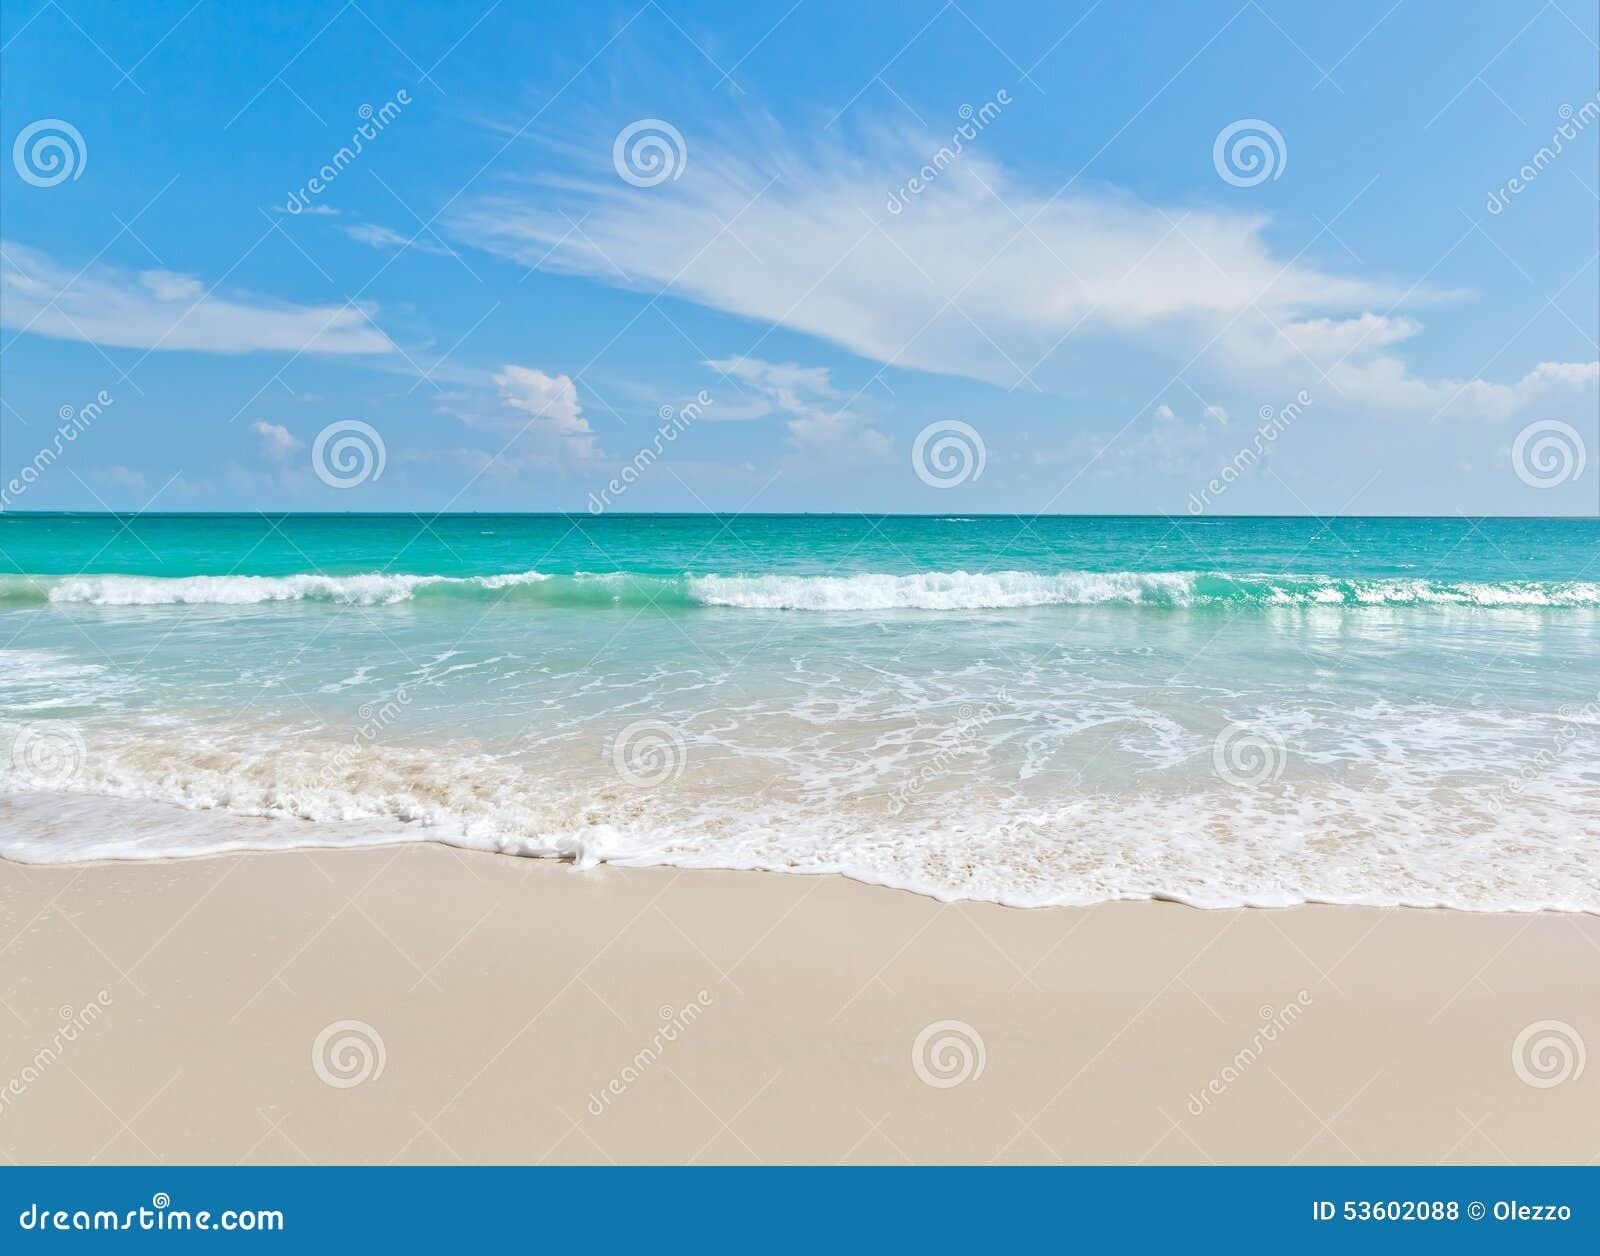 海海滩蓝天沙子太阳白天放松风景viewpo